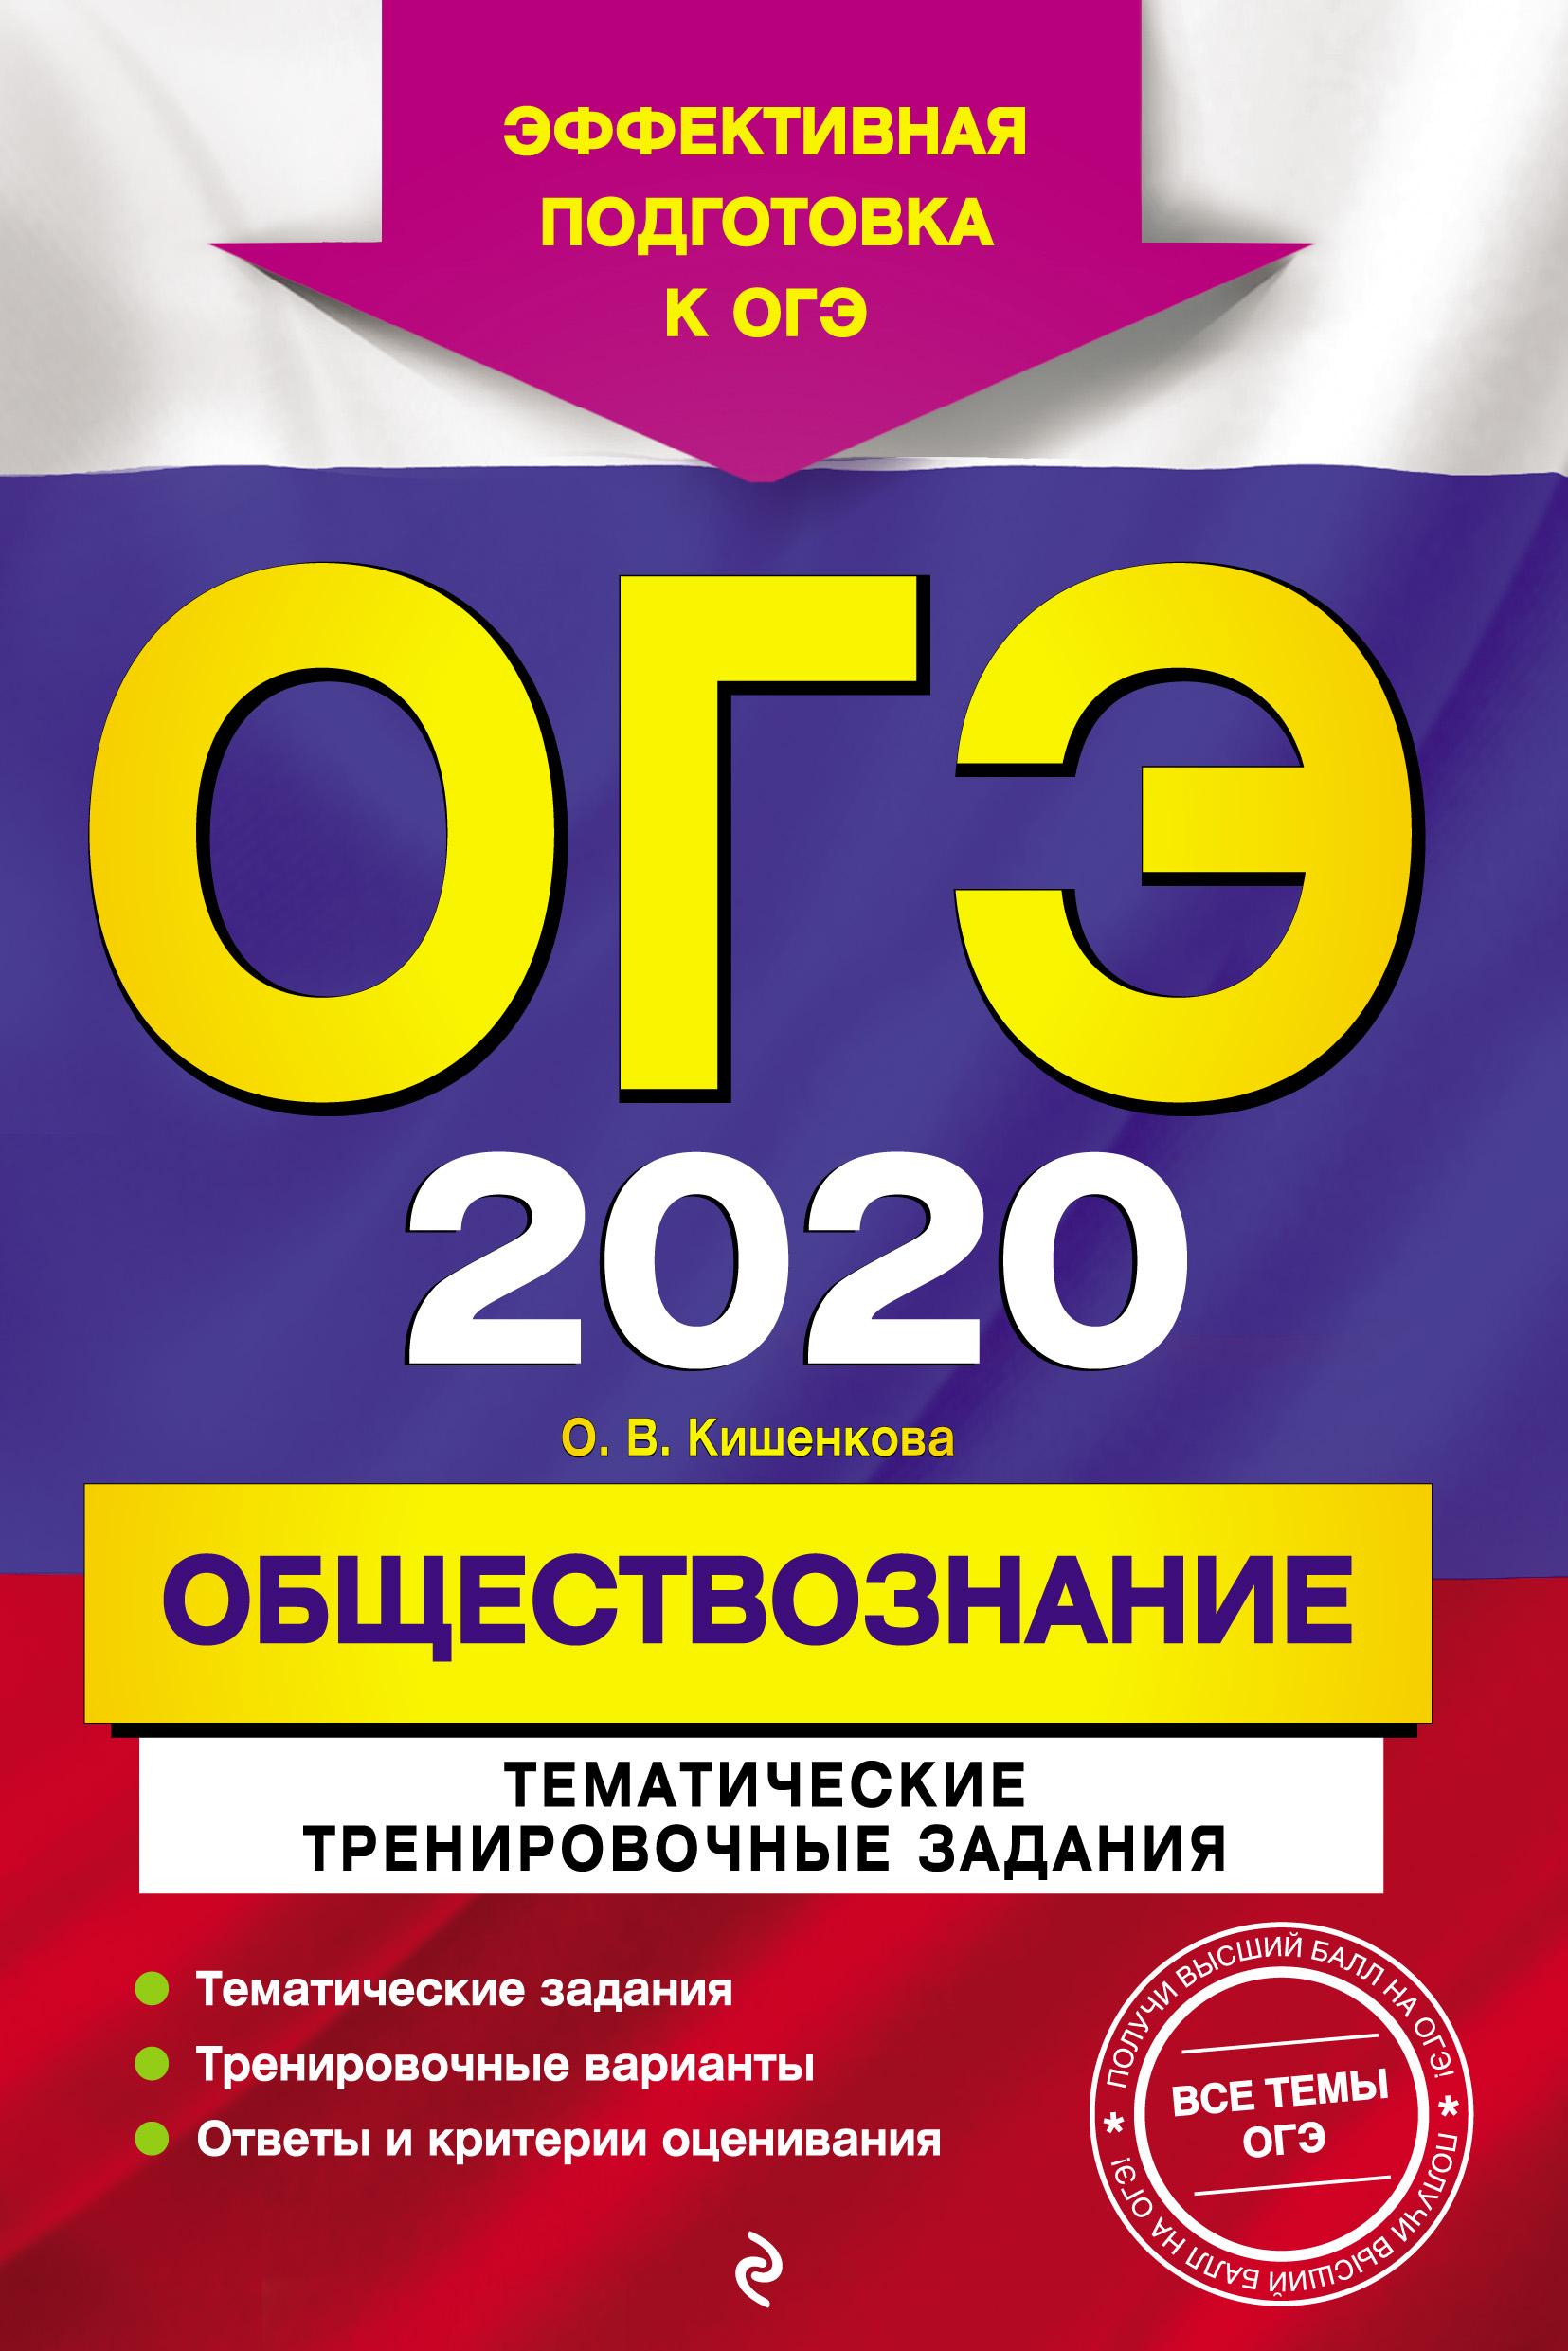 О. В. Кишенкова ОГЭ-2020. Обществознание. Тематические тренировочные задания кишенкова о огэ 2020 обществознание тематические тренировочные задания